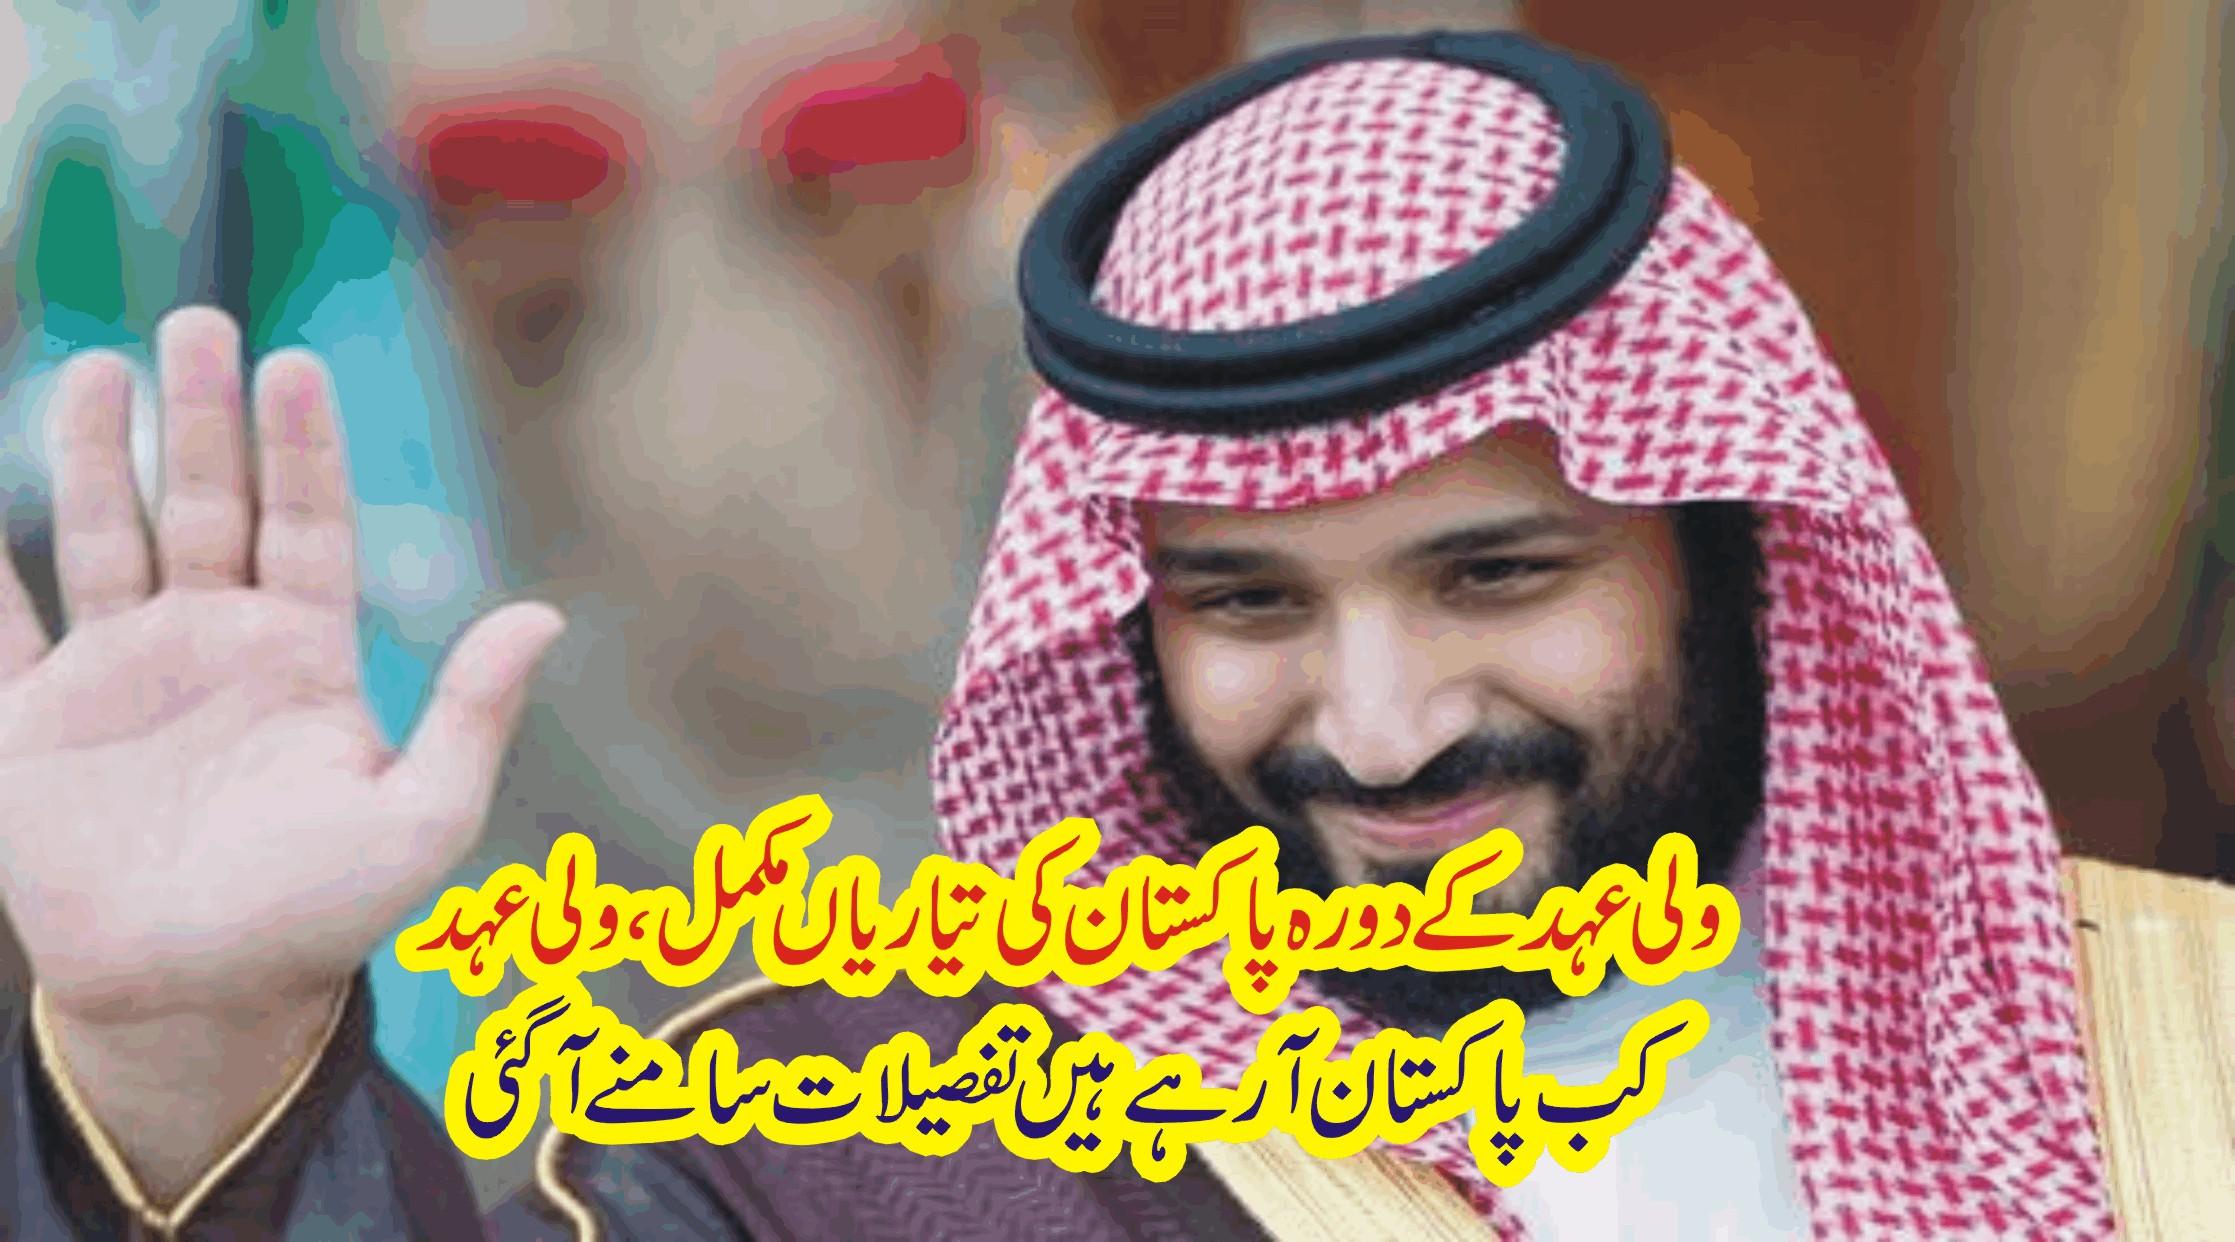 ولی عہد پاکستان کا دورہ کس مہینے میں کریں گے ،تفصیلات سامنے آگئی ۔۔۔۔